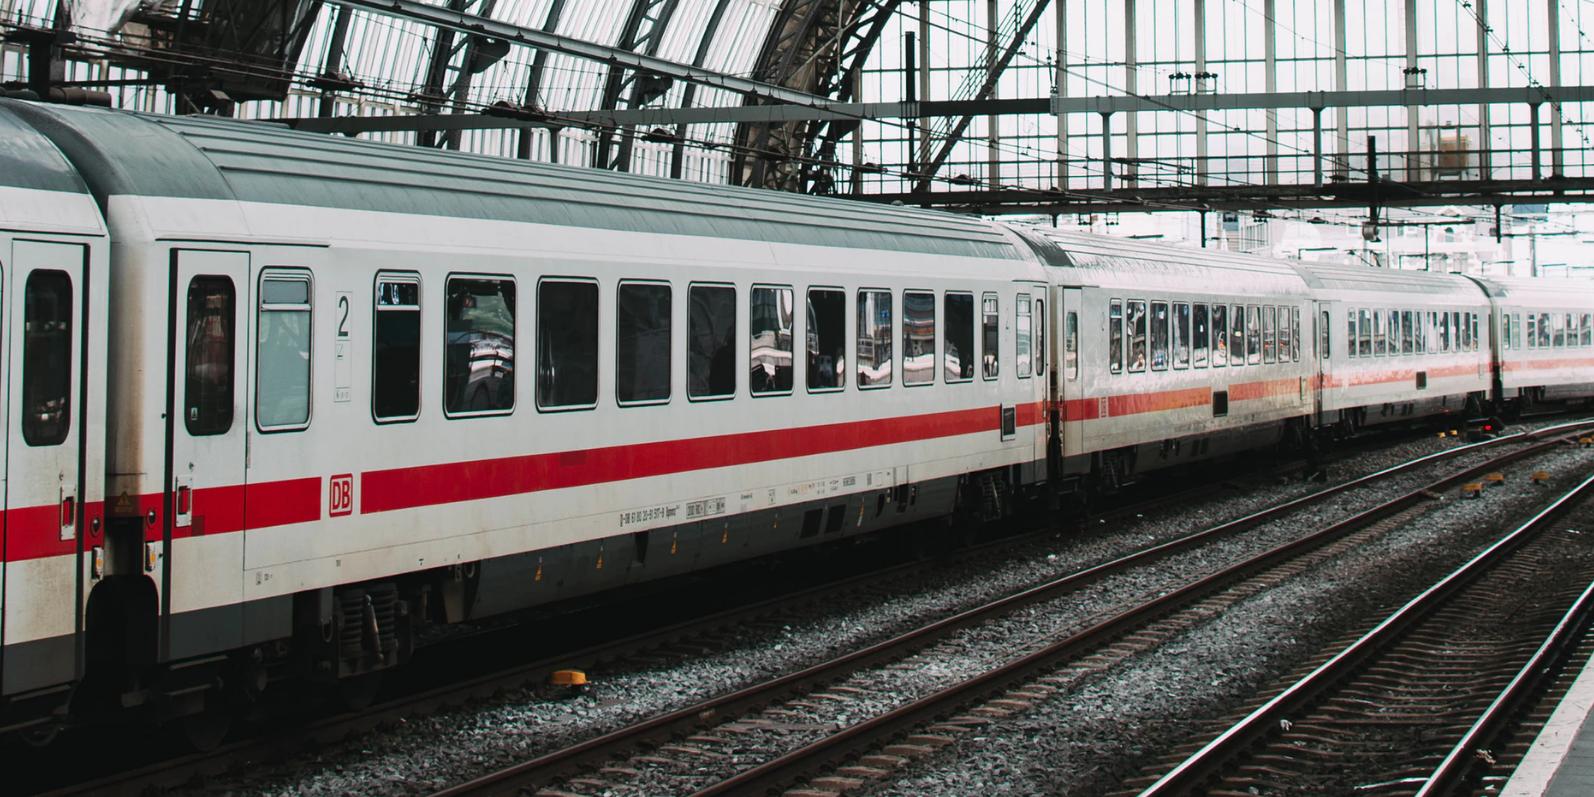 trein-berlijn-binnenkort-nog-maar-vier-uur